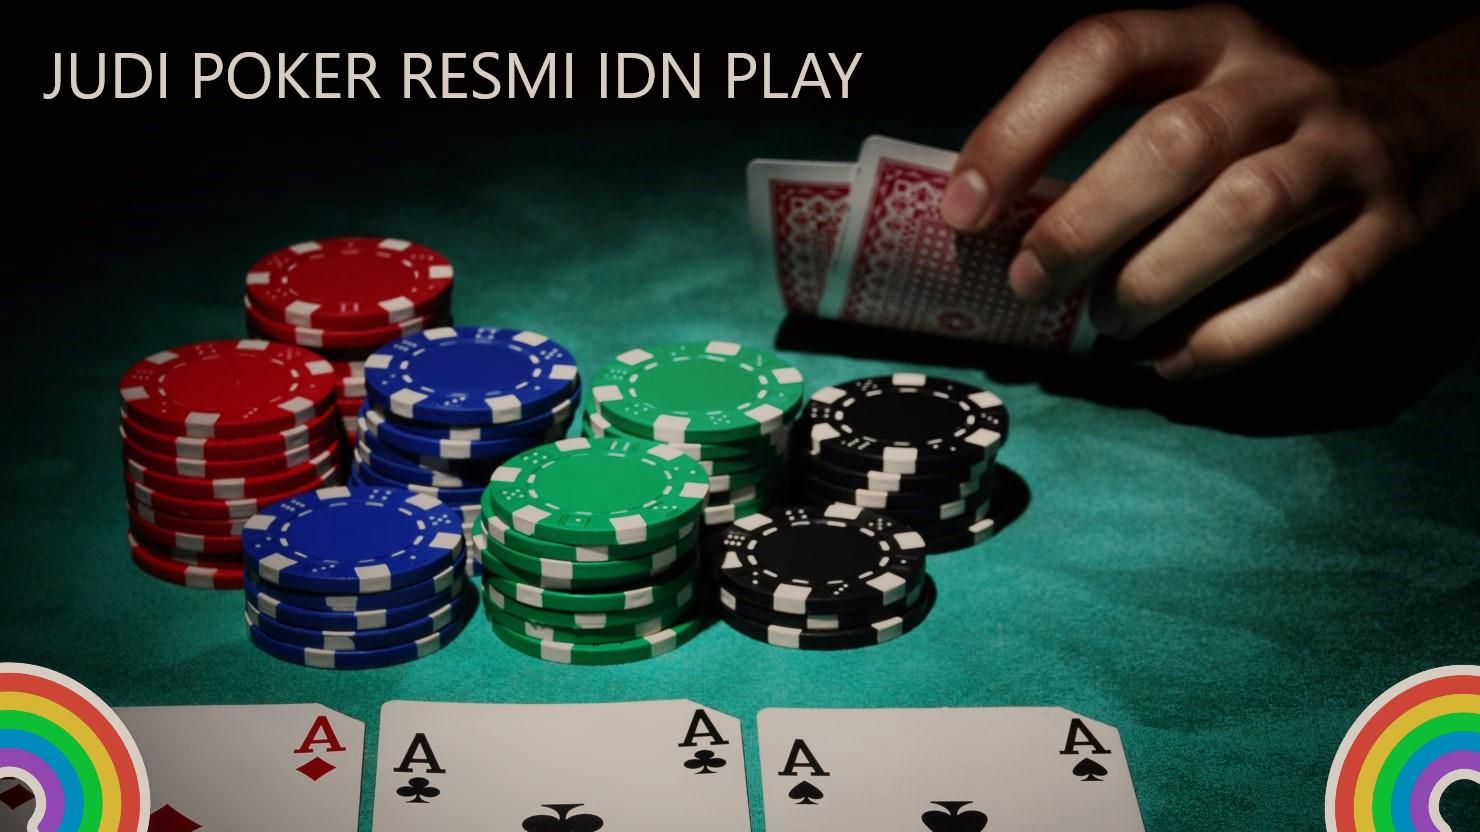 Jaminan Keuntungan Dalam Poker Online benar Adanya